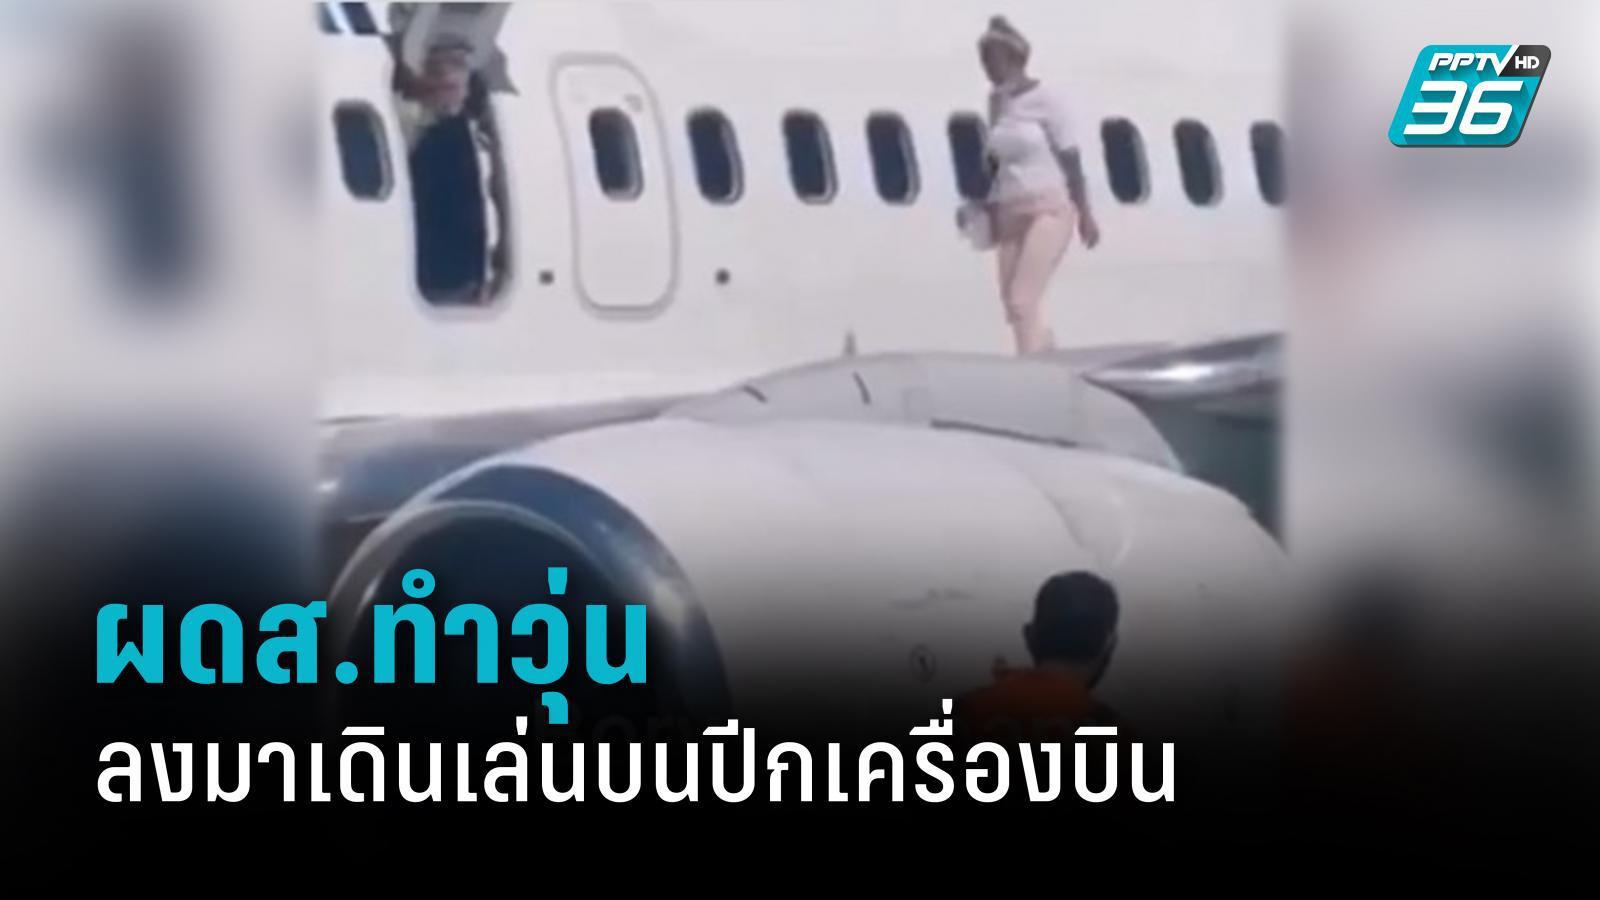 สนามบินยูเครนช็อก ผู้โดยสารออกมาเดินบนปีกเครื่องบินขณะรอลงจากเครื่อง